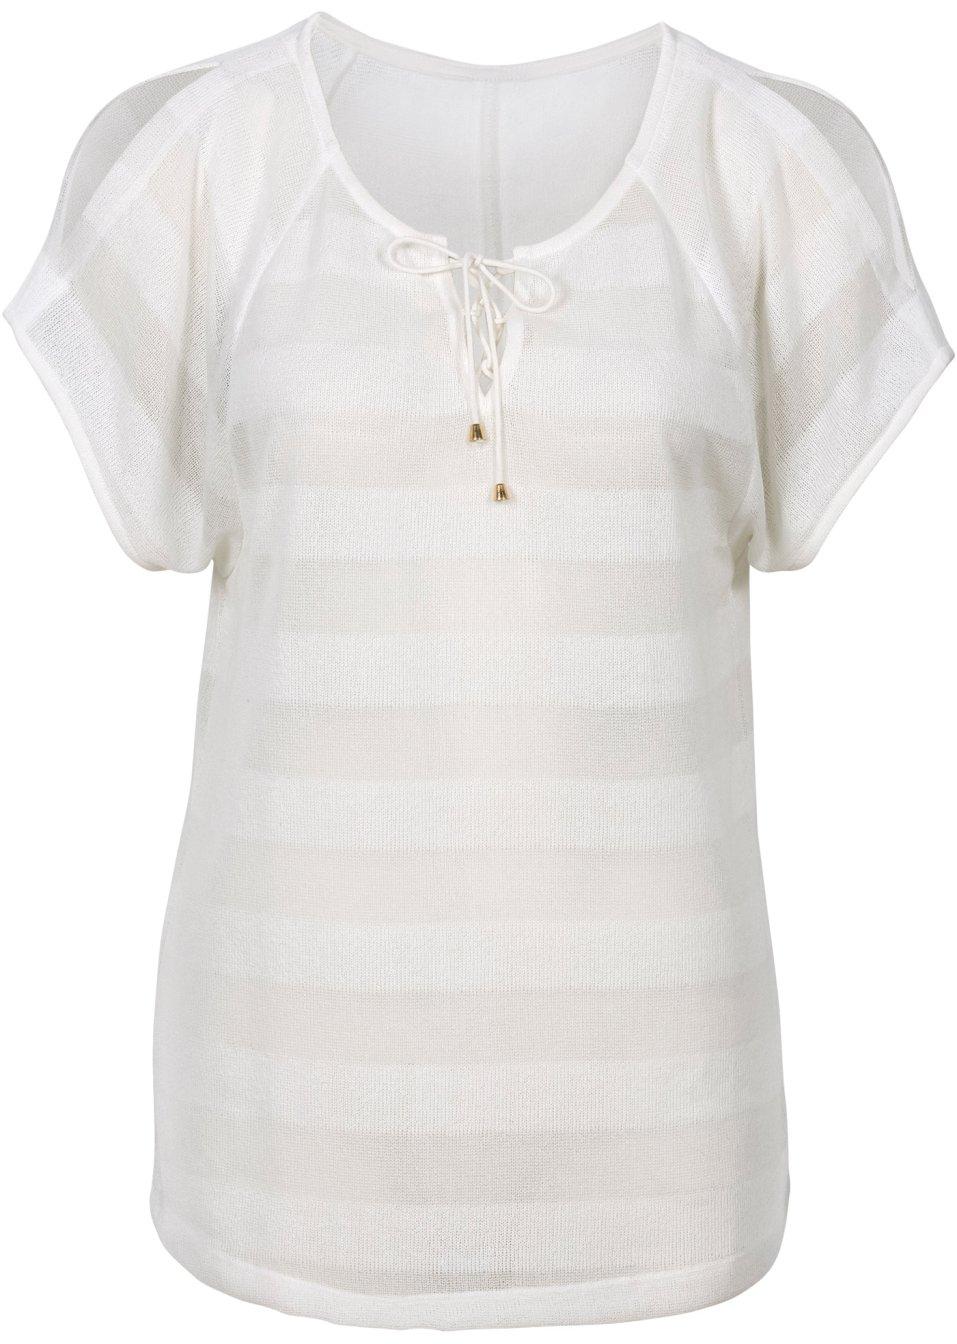 leicht transparentes shirt mit schn rung und raglan rmeln wollweiss. Black Bedroom Furniture Sets. Home Design Ideas